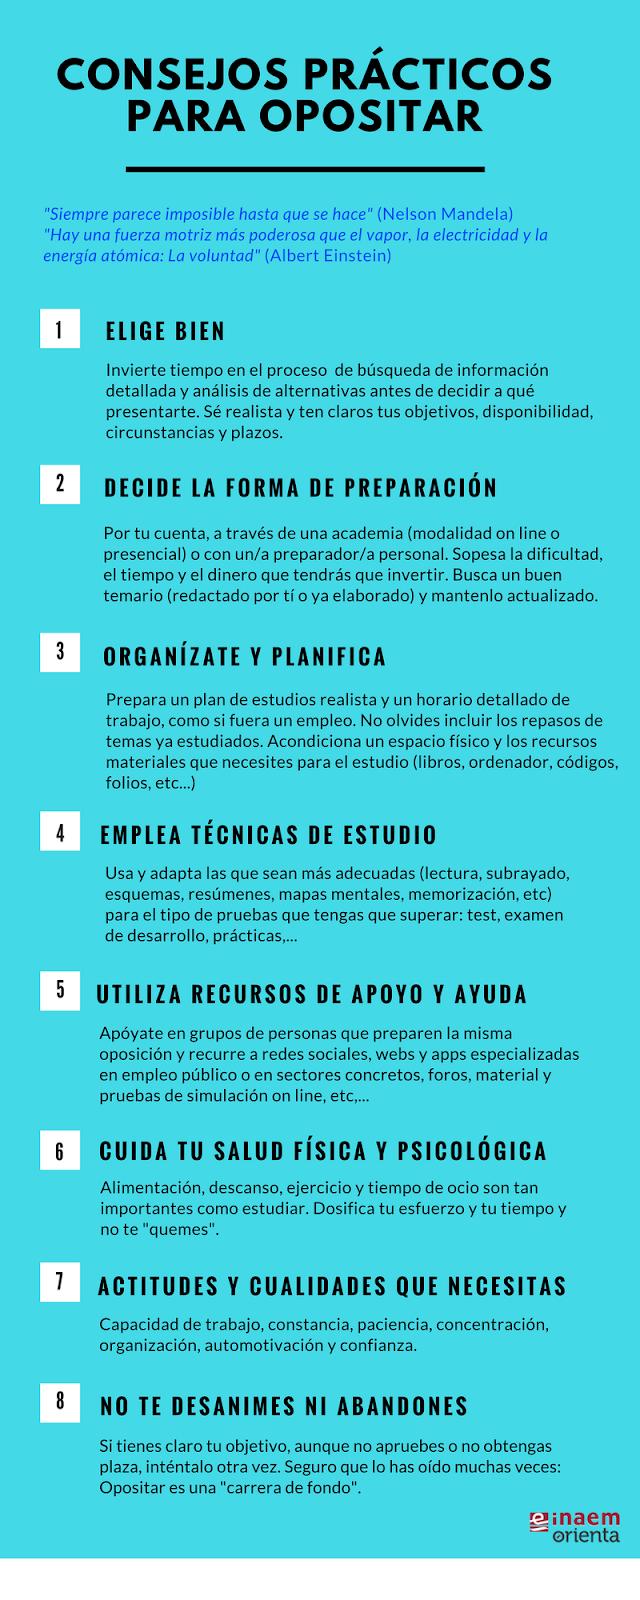 infografía cómo preparar una oposición